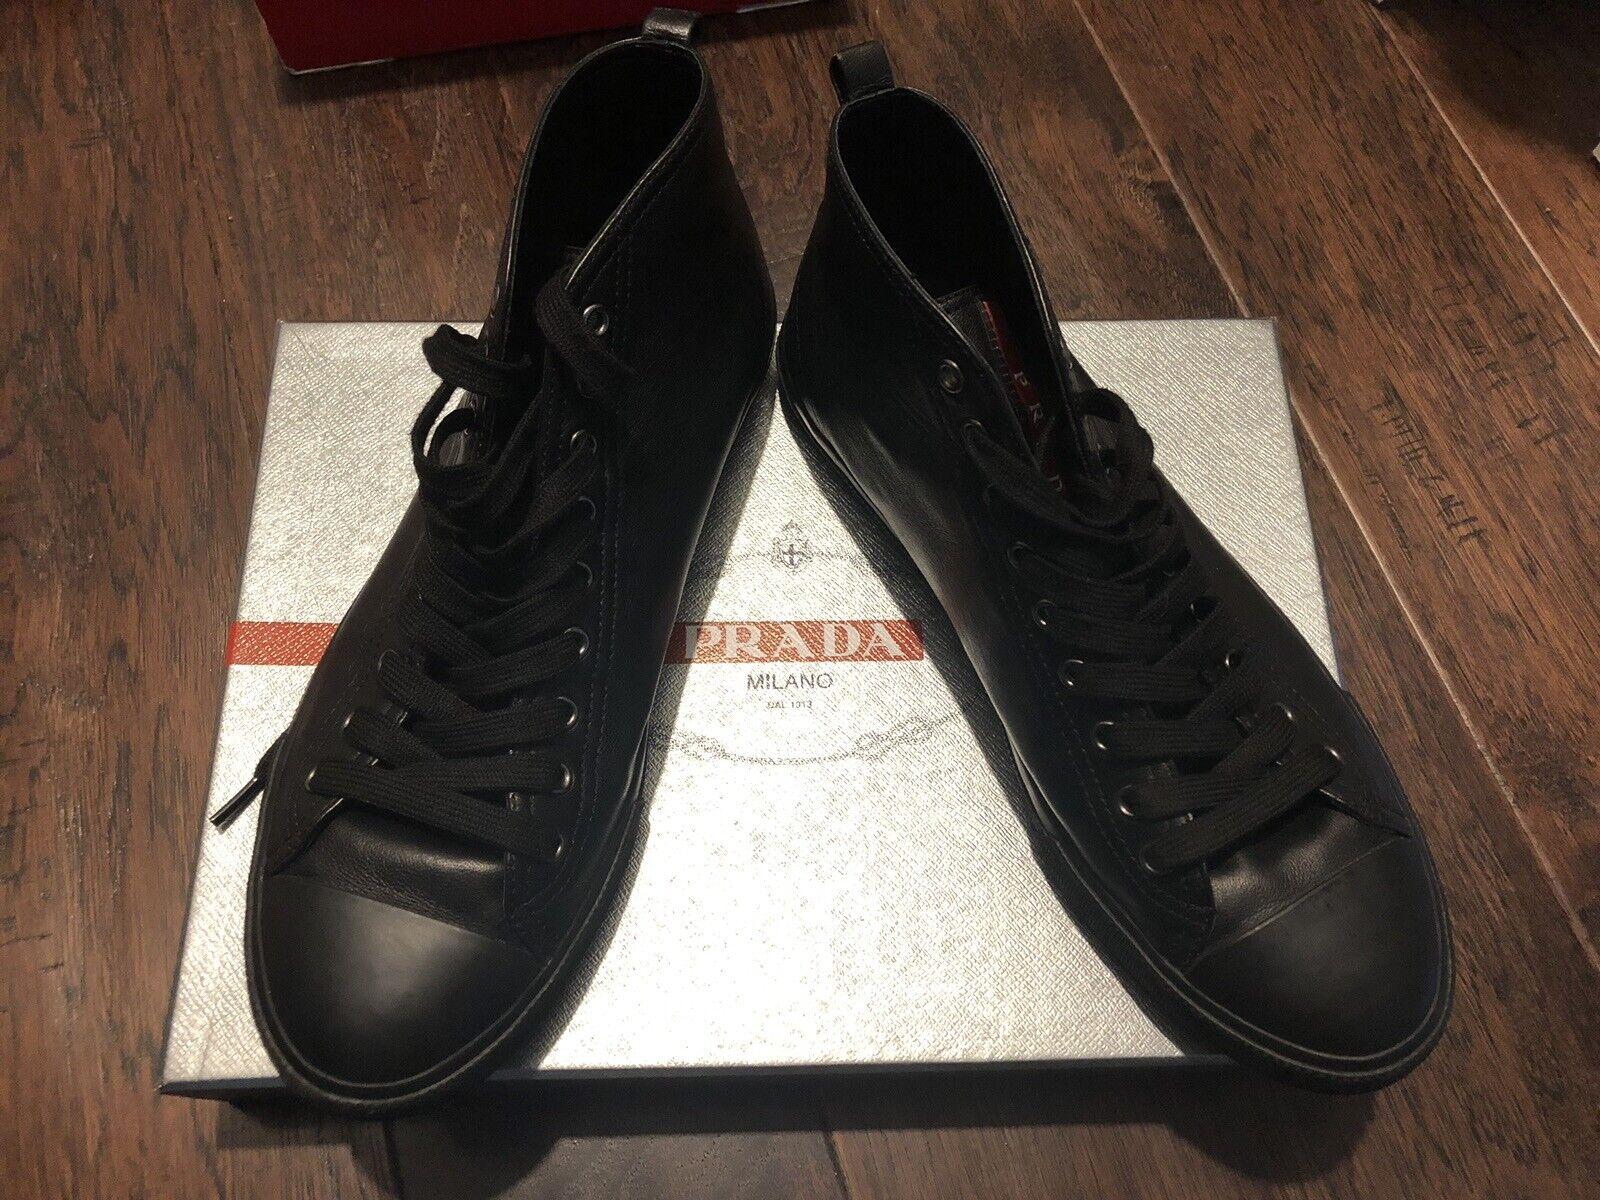 Prada Men's Leather High Top scarpe da ginnastica US 8